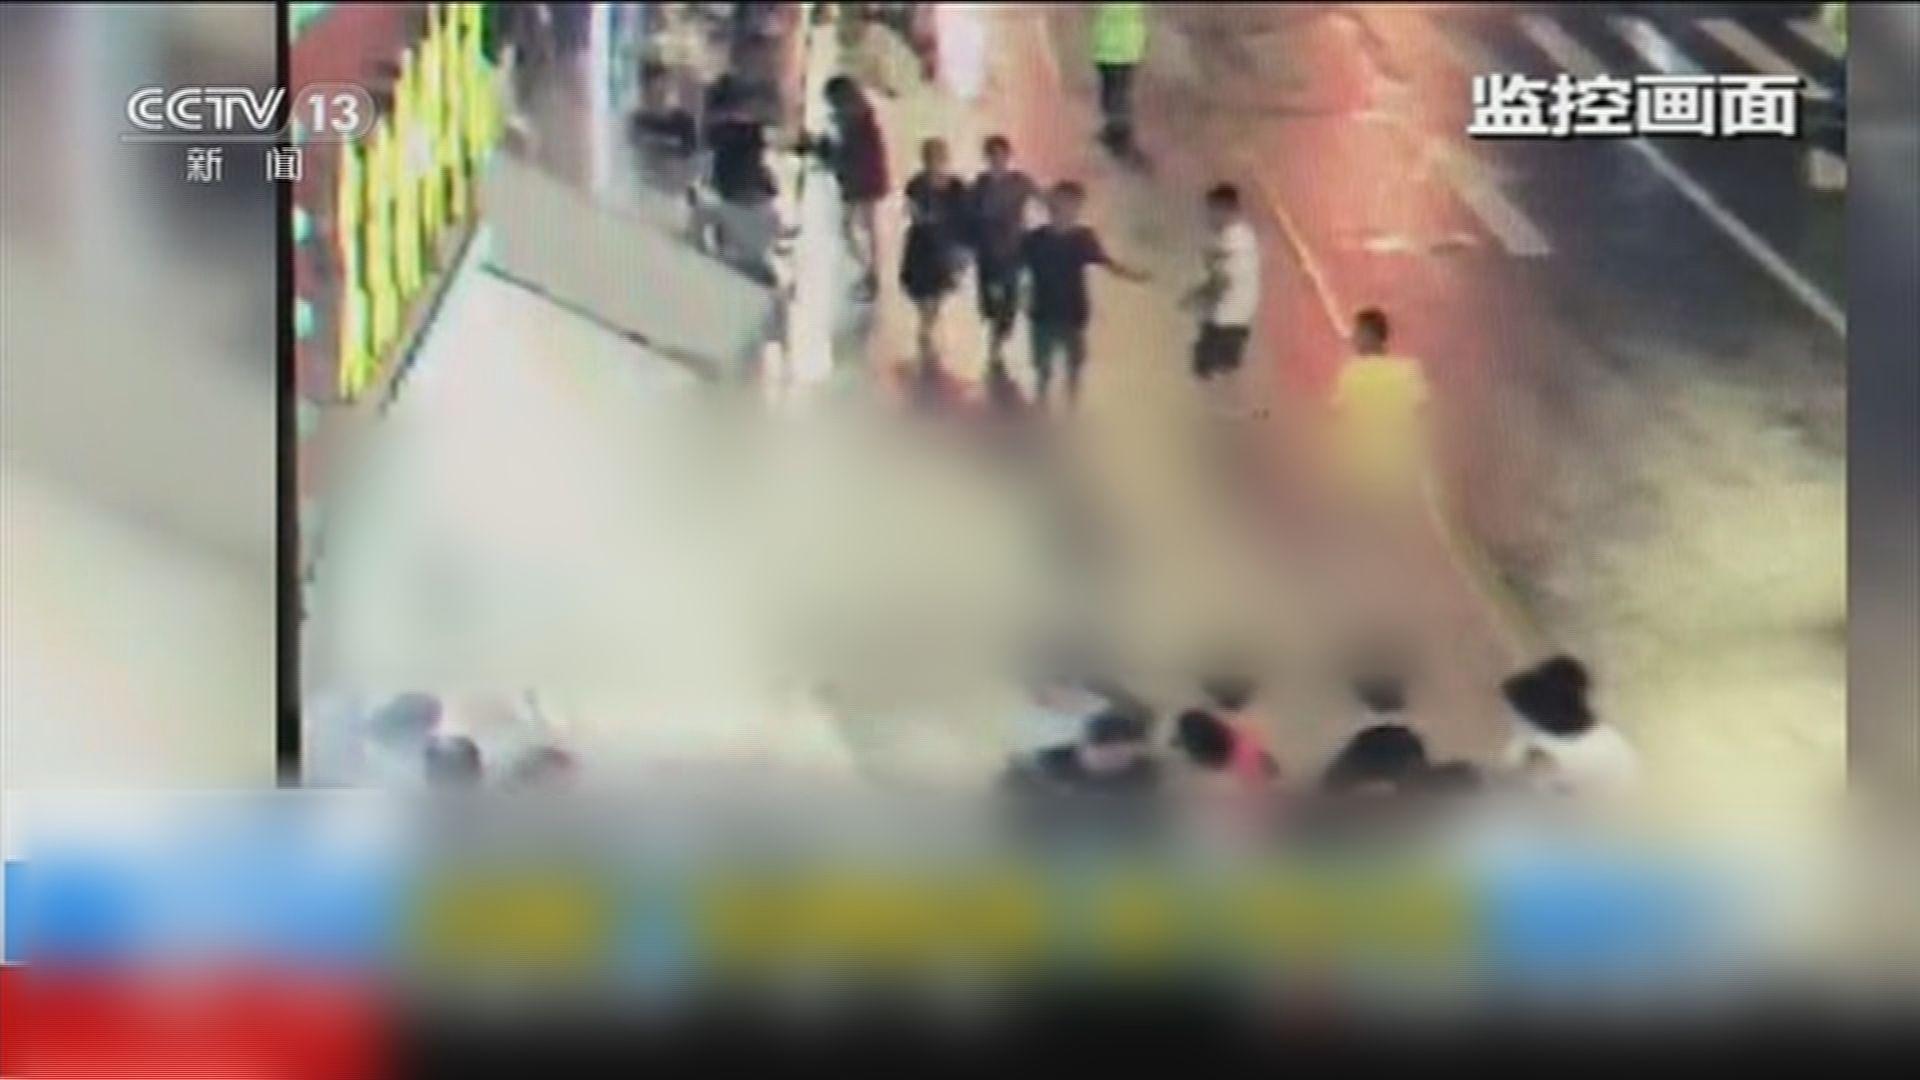 上海商店招牌倒下壓死三人